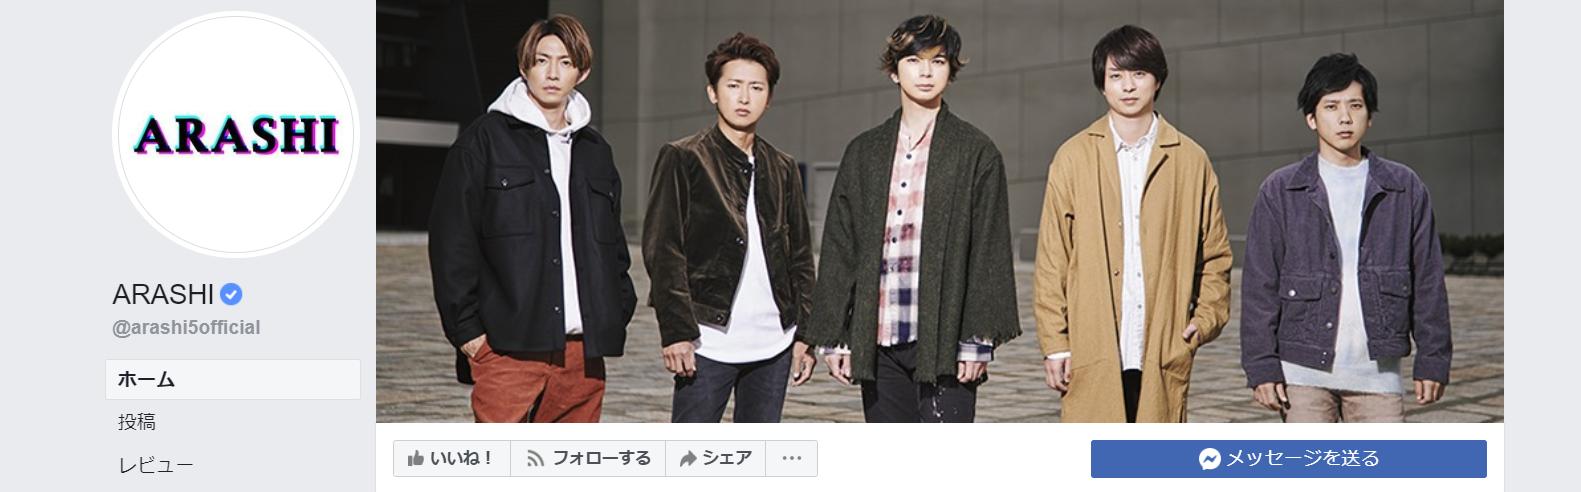 嵐Facebook